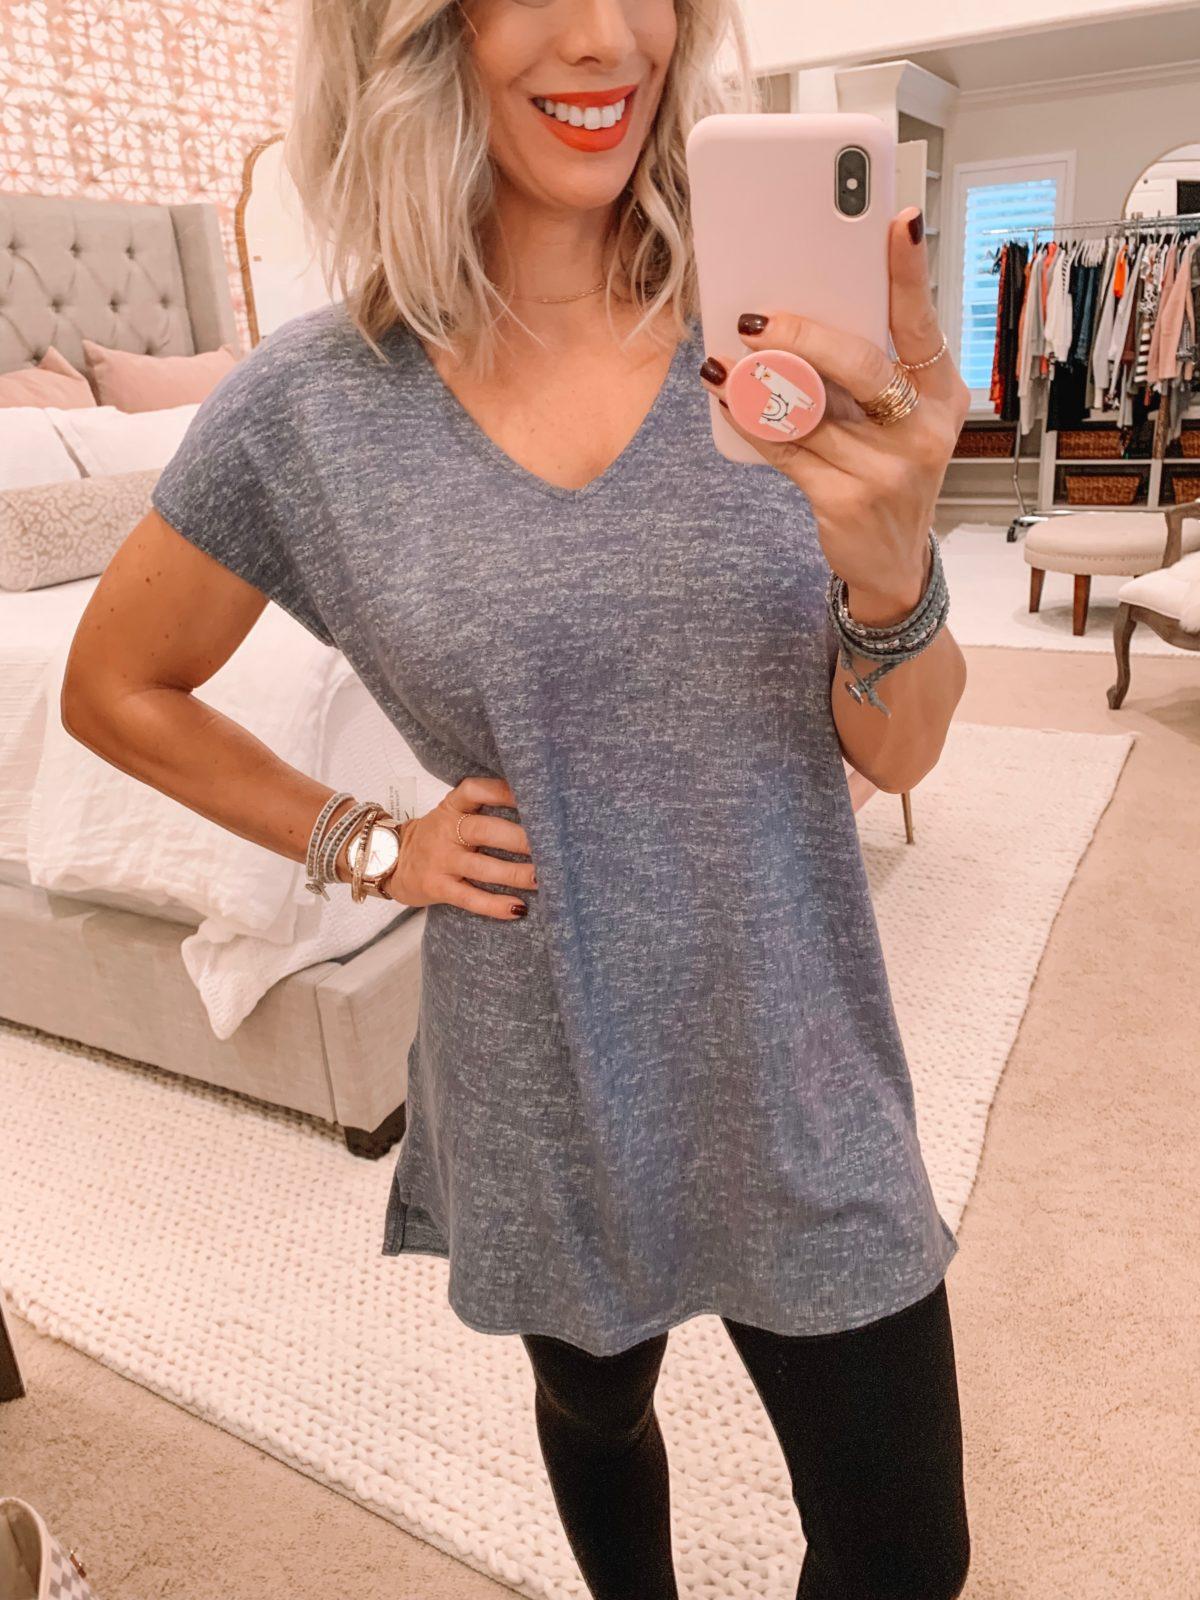 Amazon fashion haul, grey tunic top and leggings